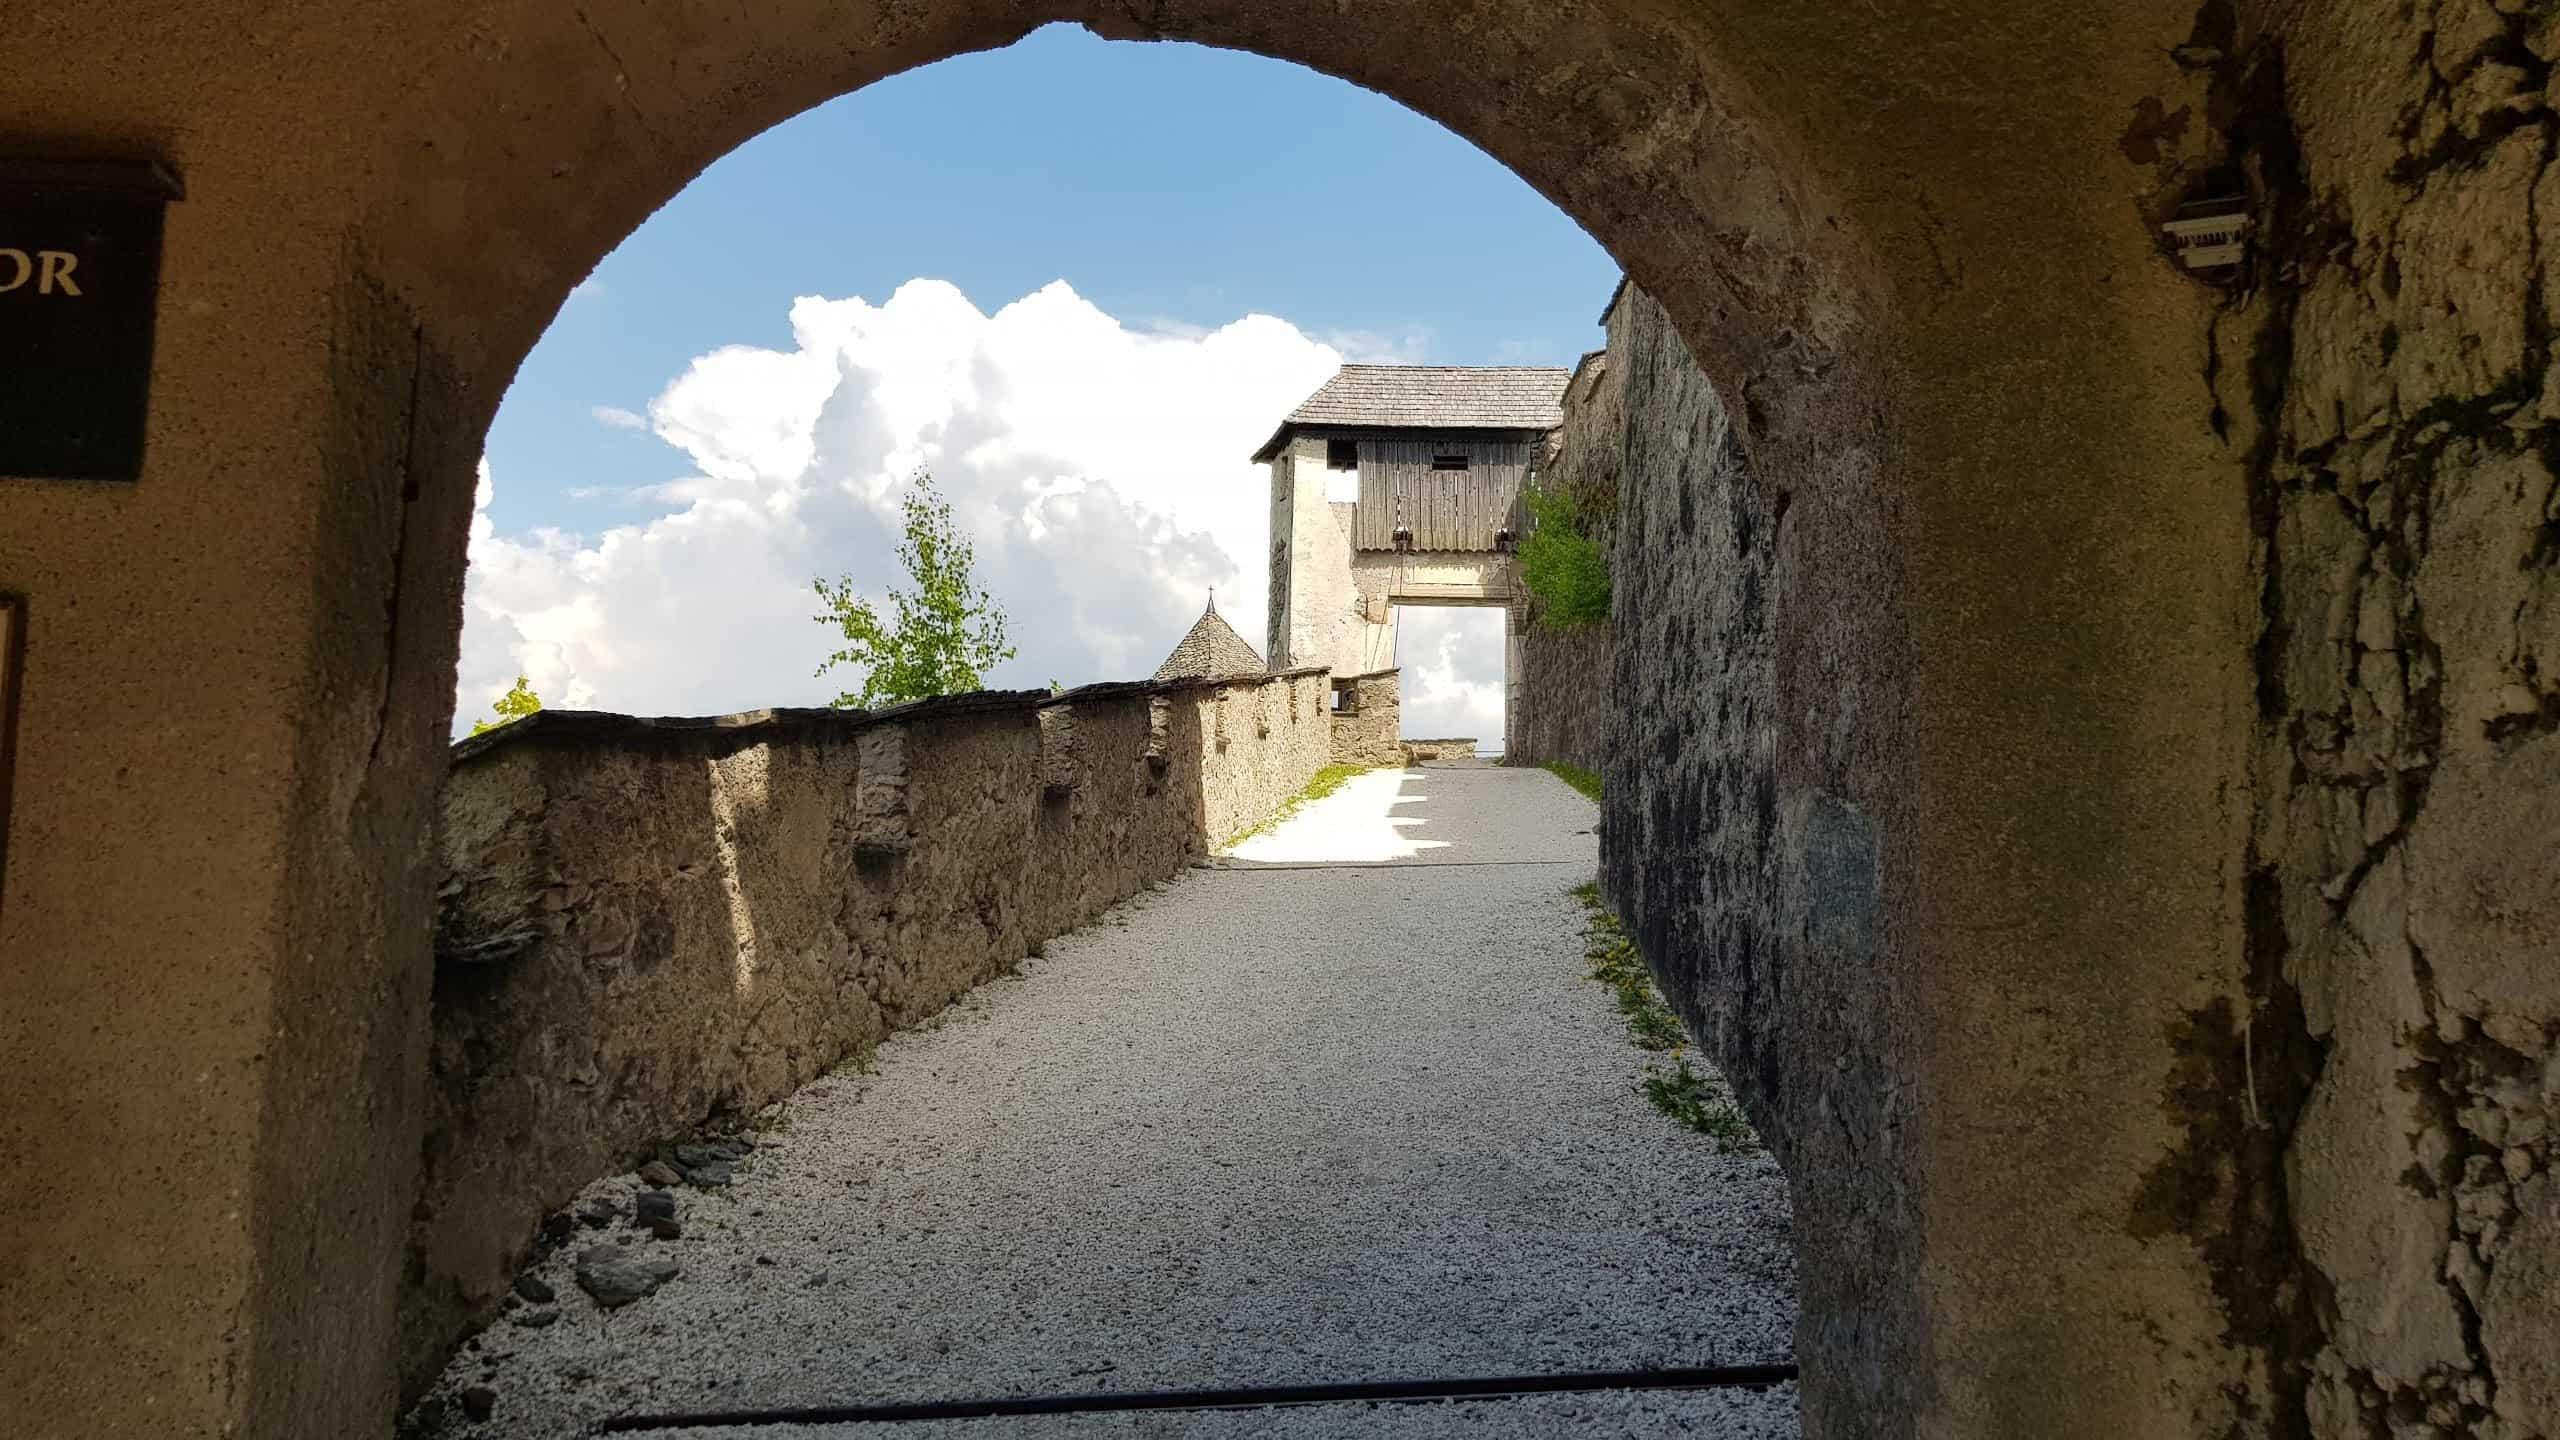 Blick durch Mauertor zum Brückentor auf der mittelalterlichen Burg Hochosterwitz - TOP Ausflugsziel in Kärnten